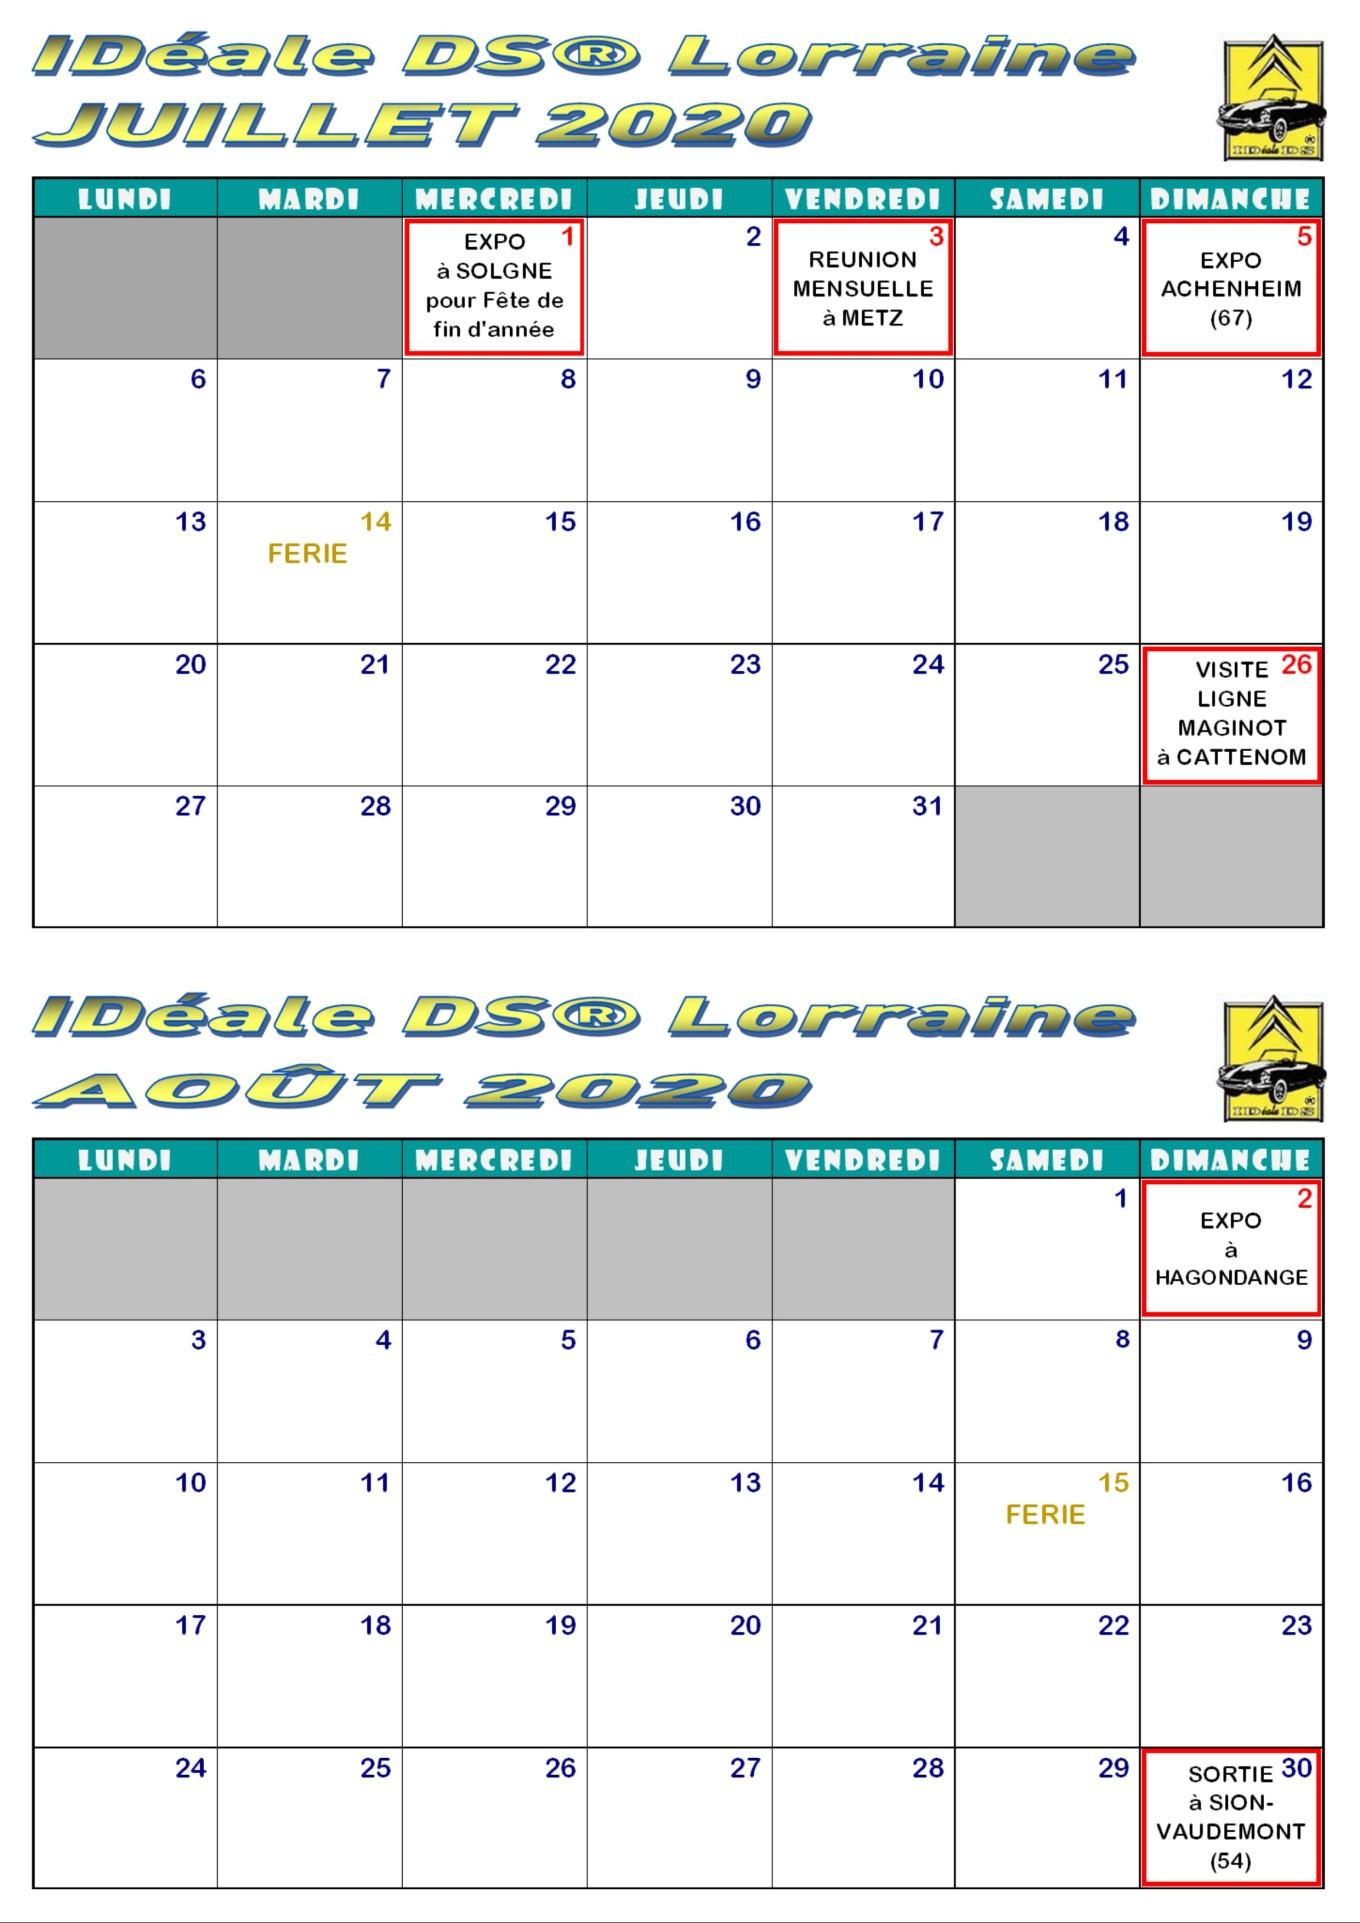 Agenda20_07-08